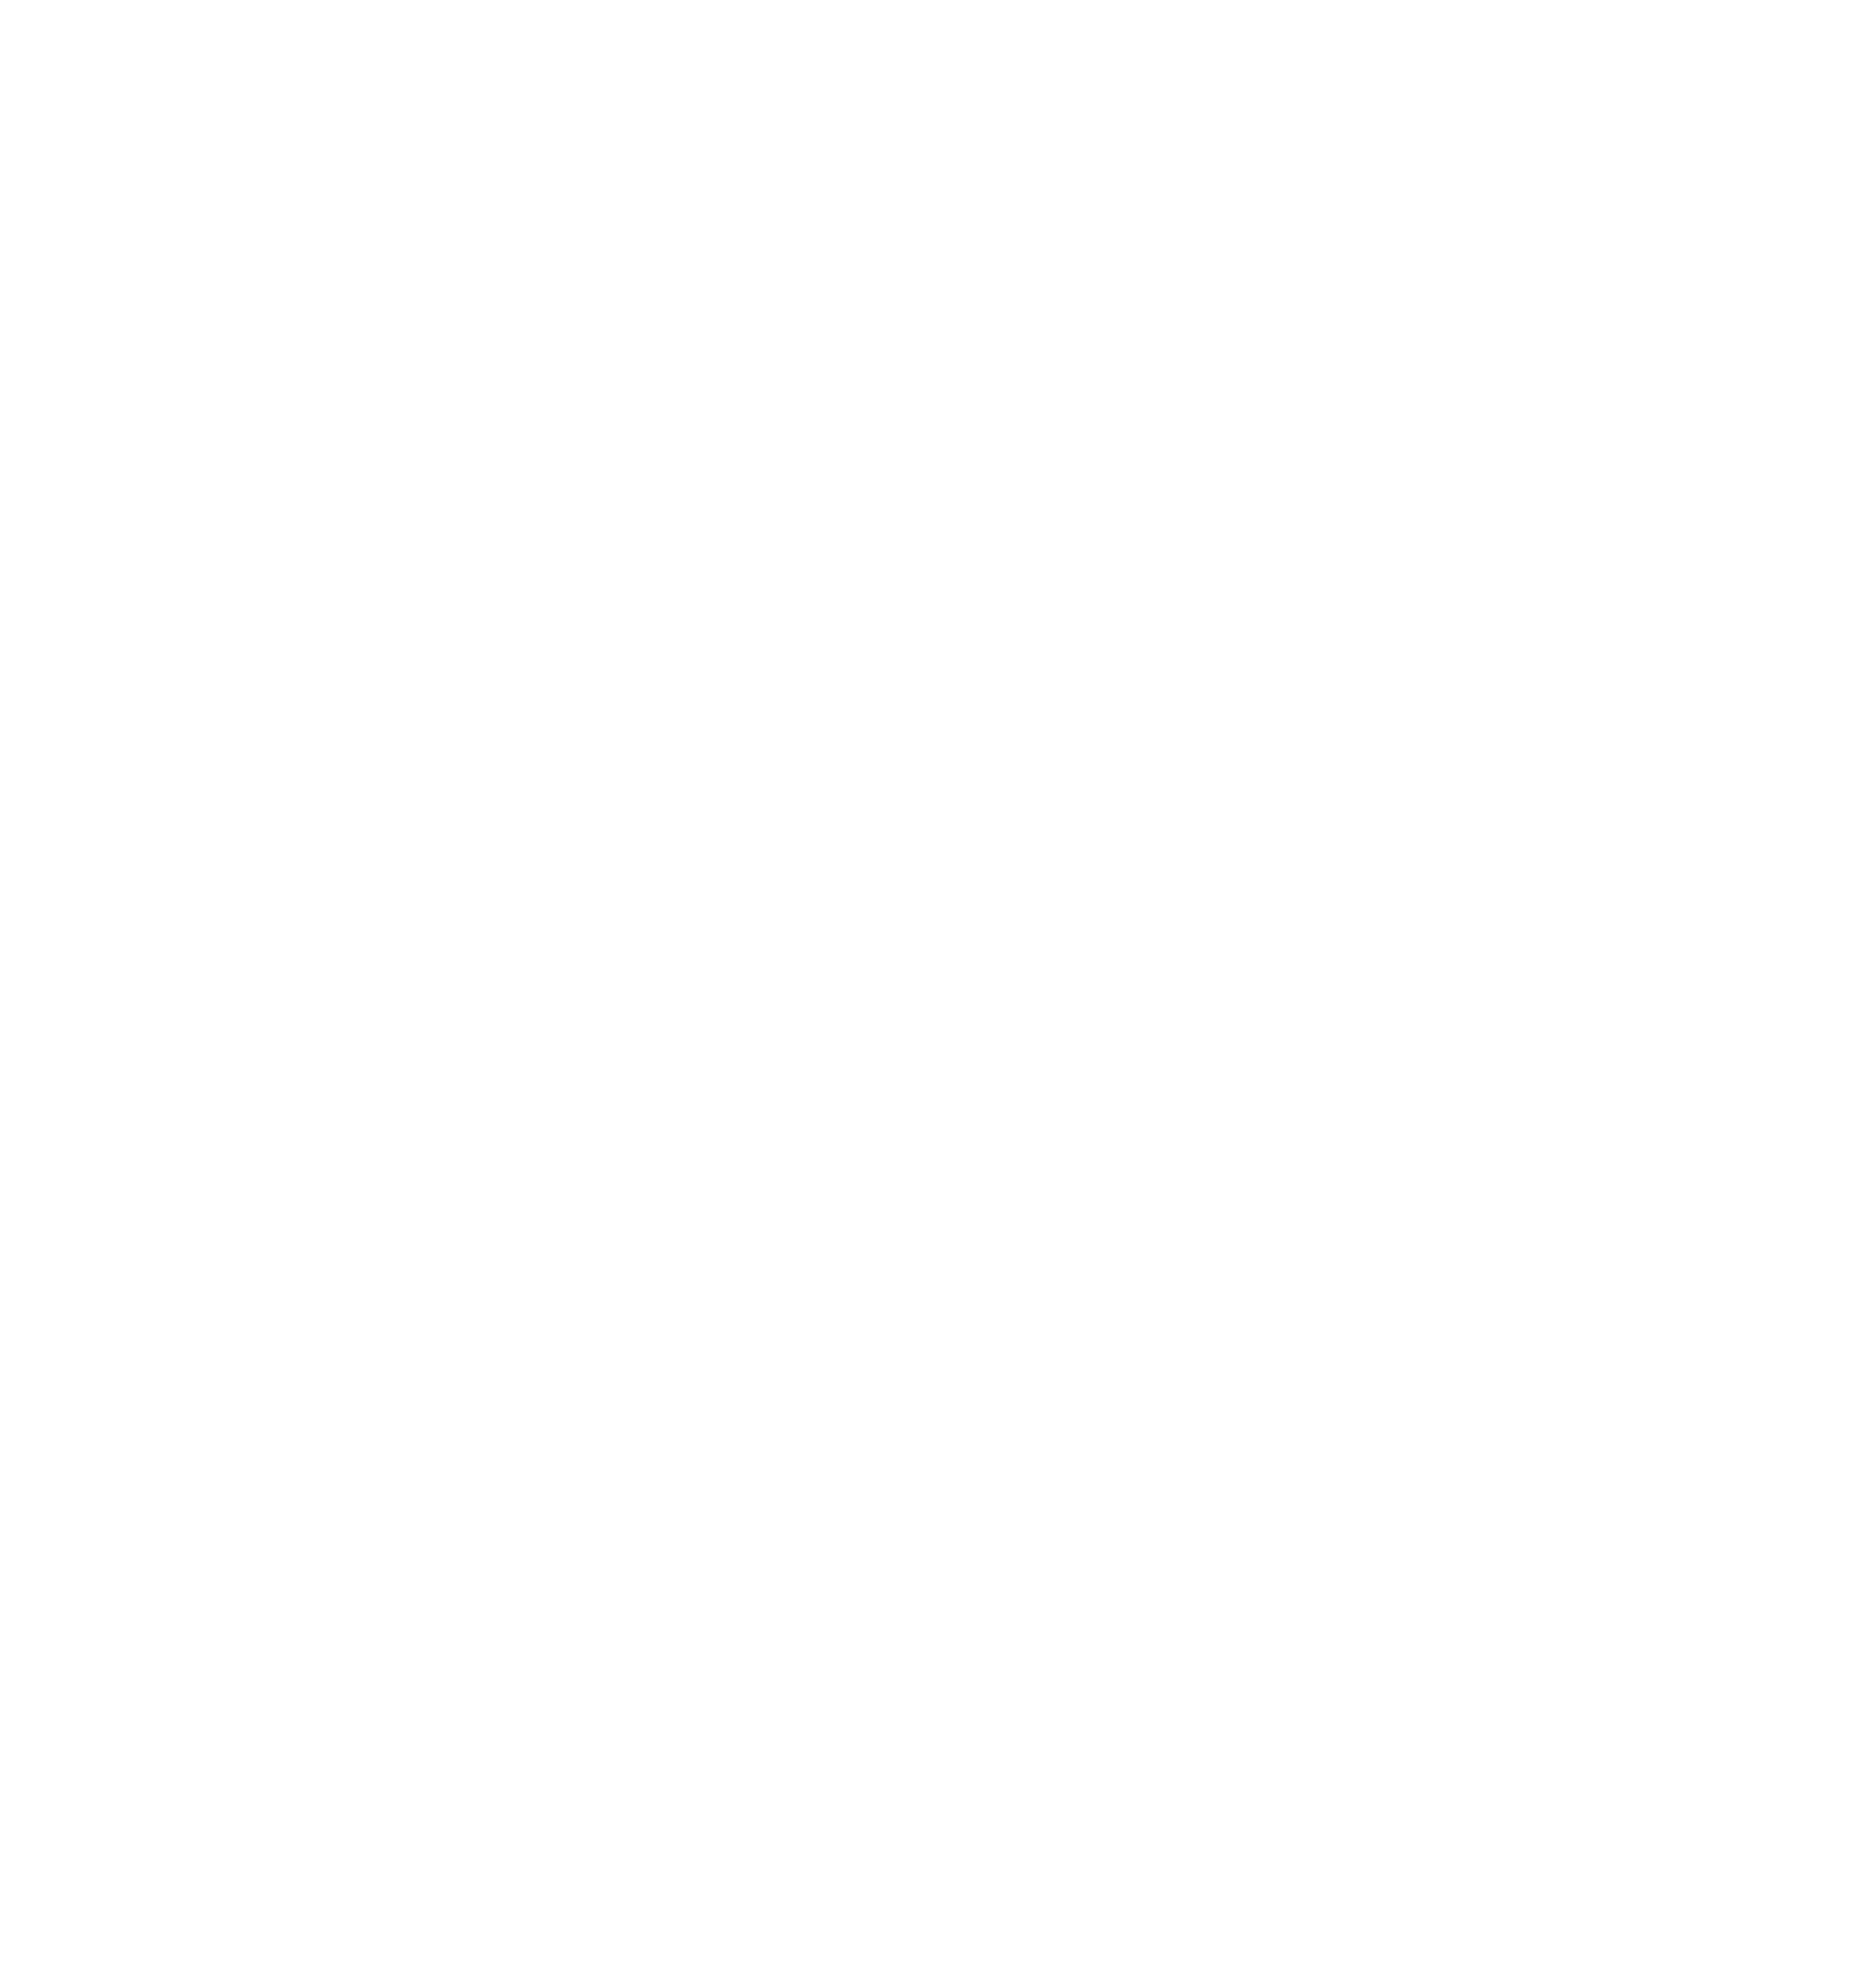 Tecido Percal Branco 180 Fios 100% Algodão 2,50 m Largura